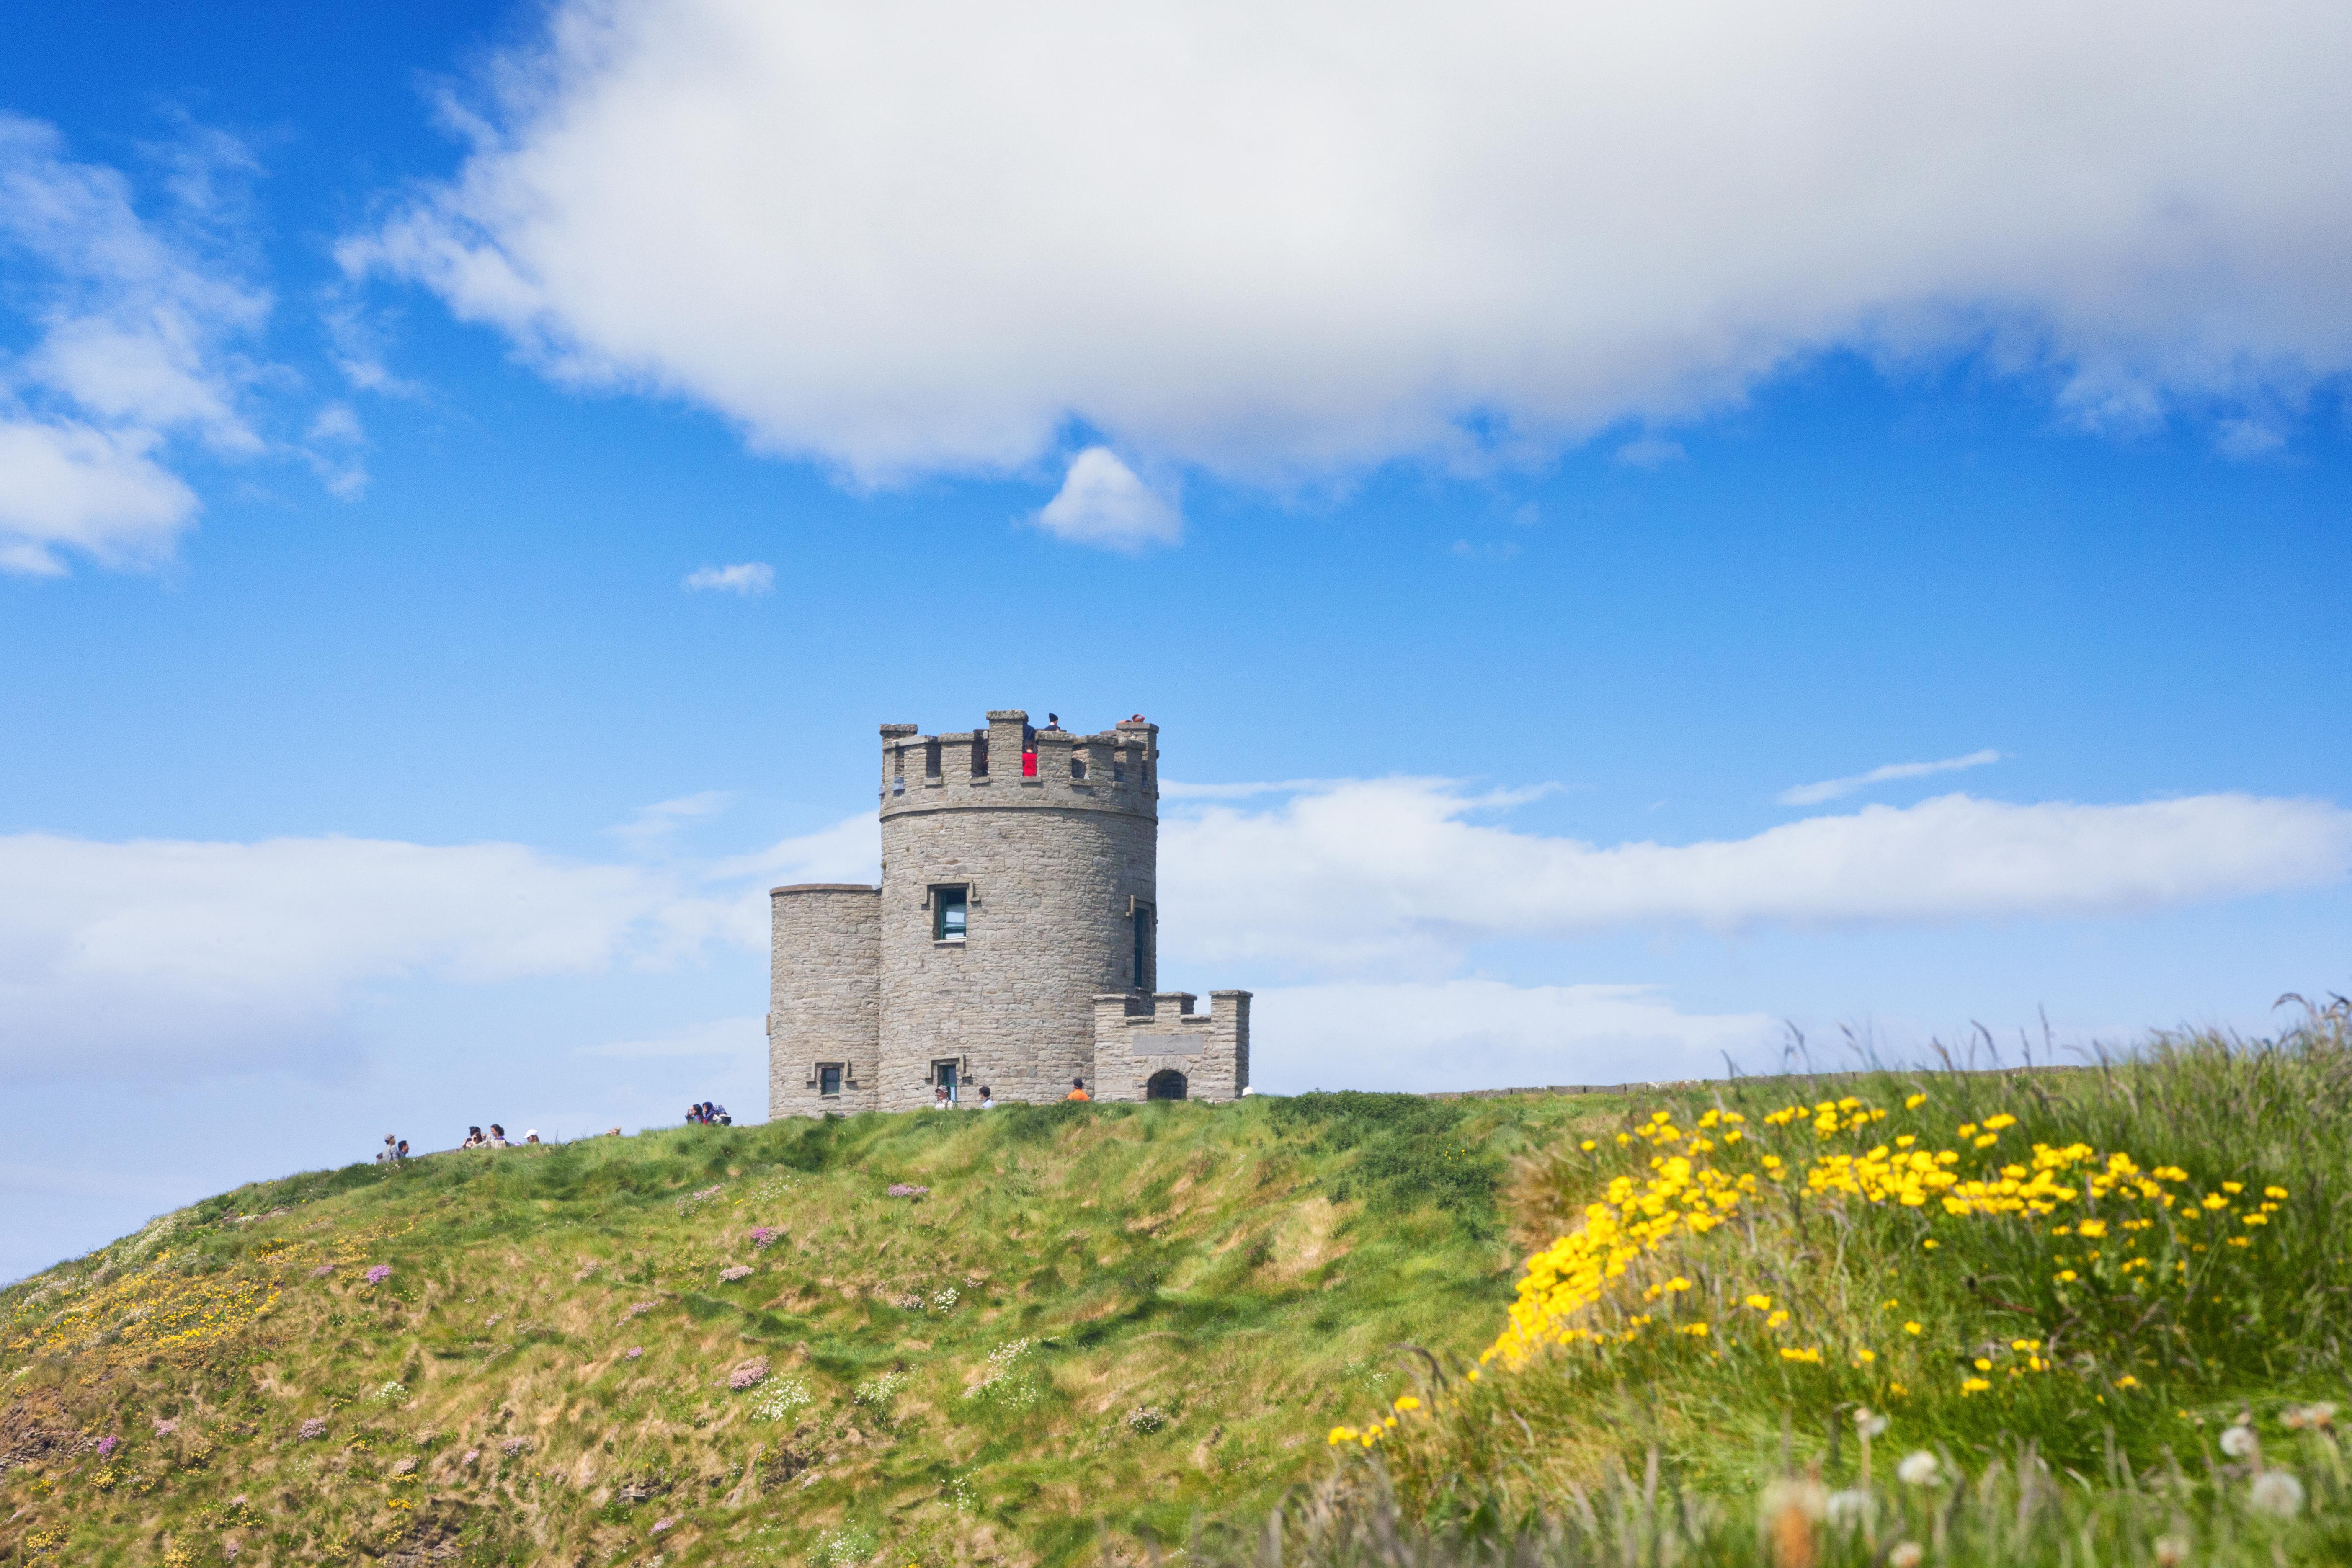 Acantilados de Moher, una de las maravillas naturales irlandesas - Irlanda Circuito Todo Irlanda